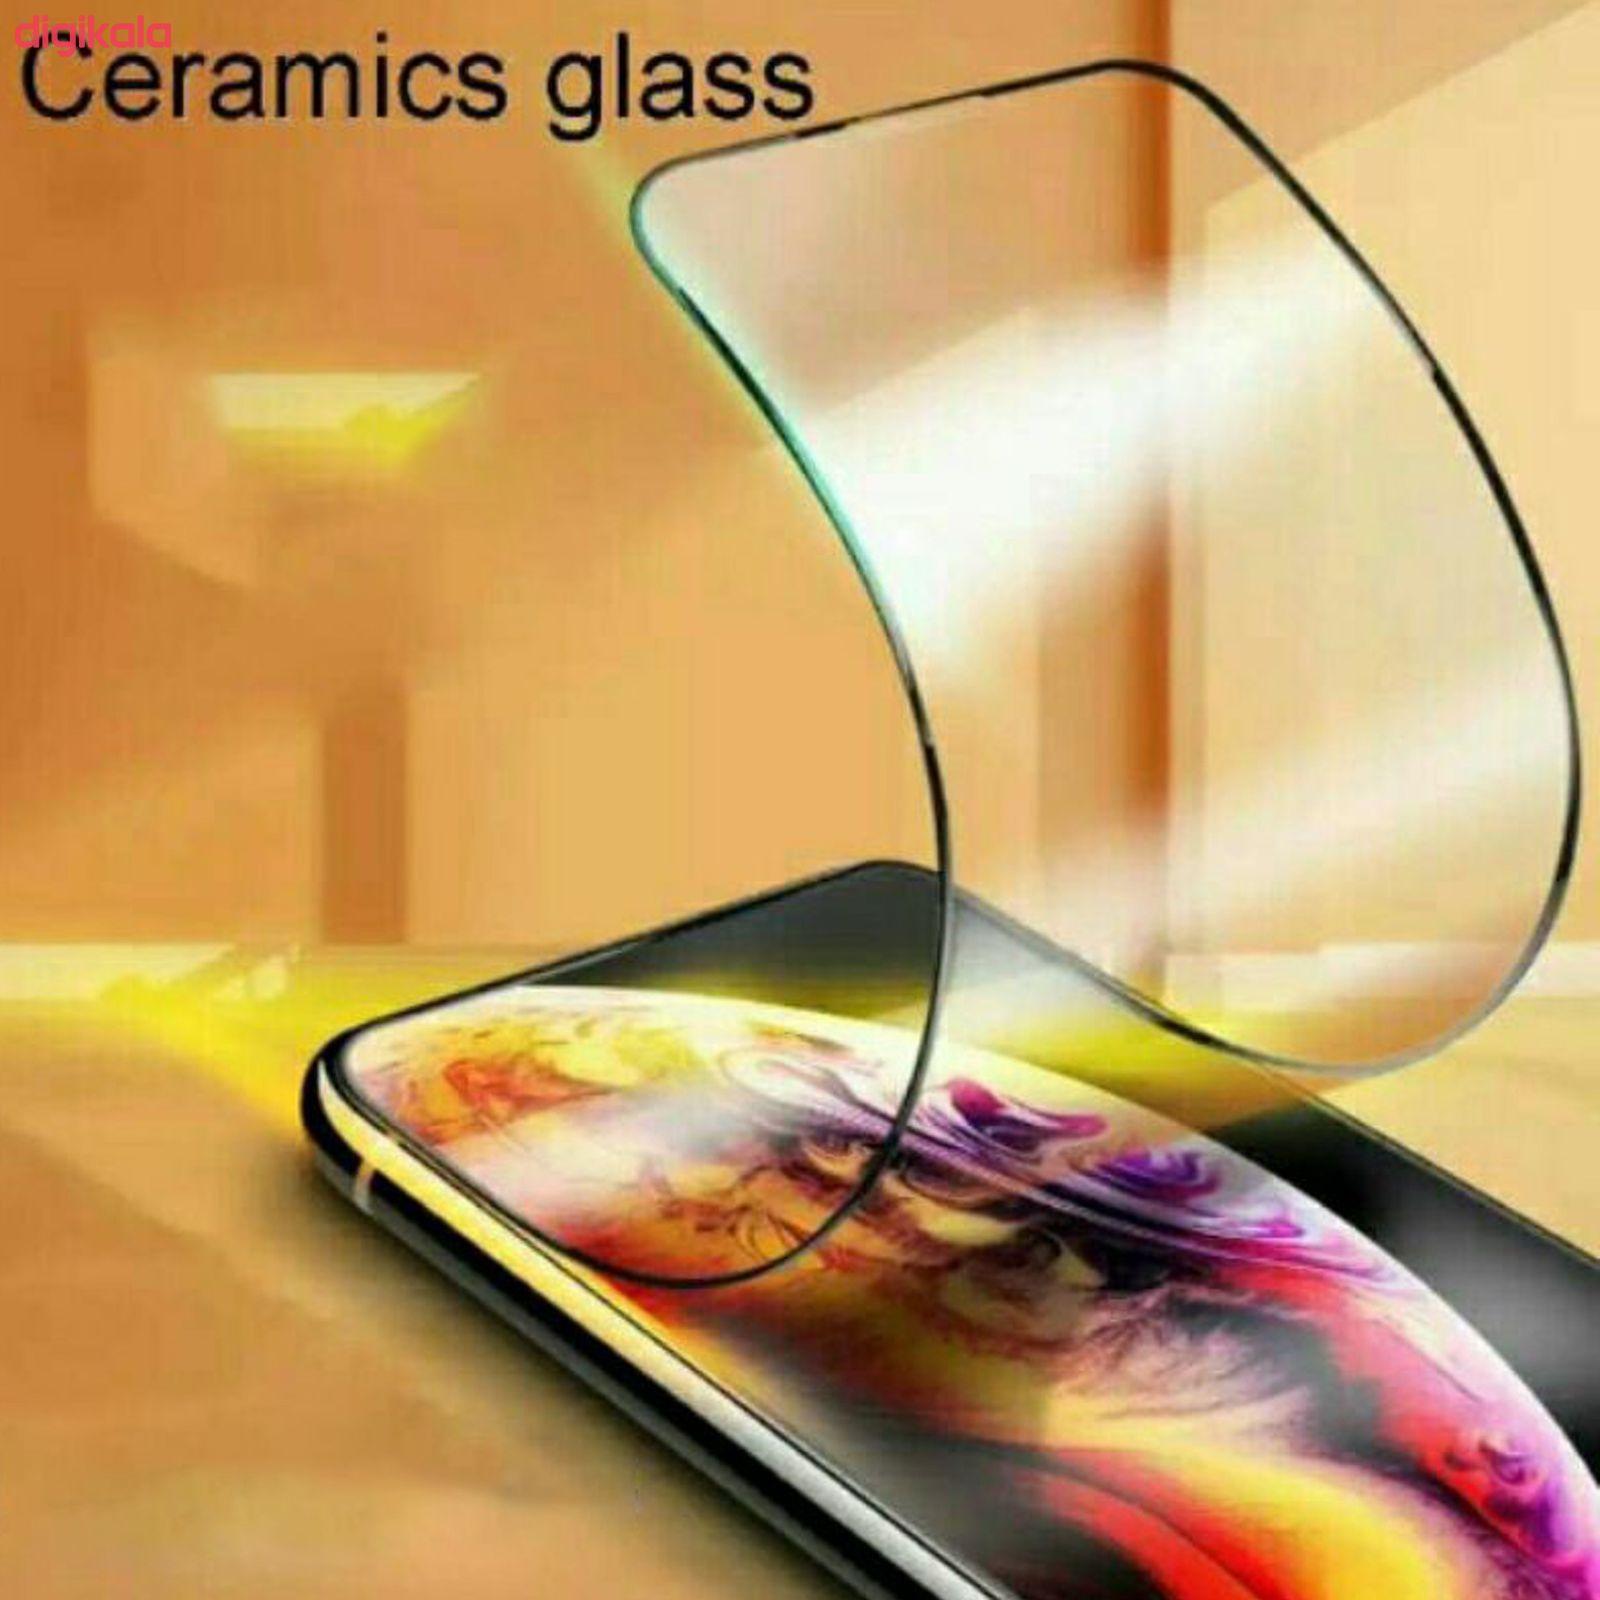 محافظ صفحه نمایش سرامیکی پنتر مدل CER-CL مناسب برای گوشی موبایل سامسونگ Galaxy A31 main 1 2